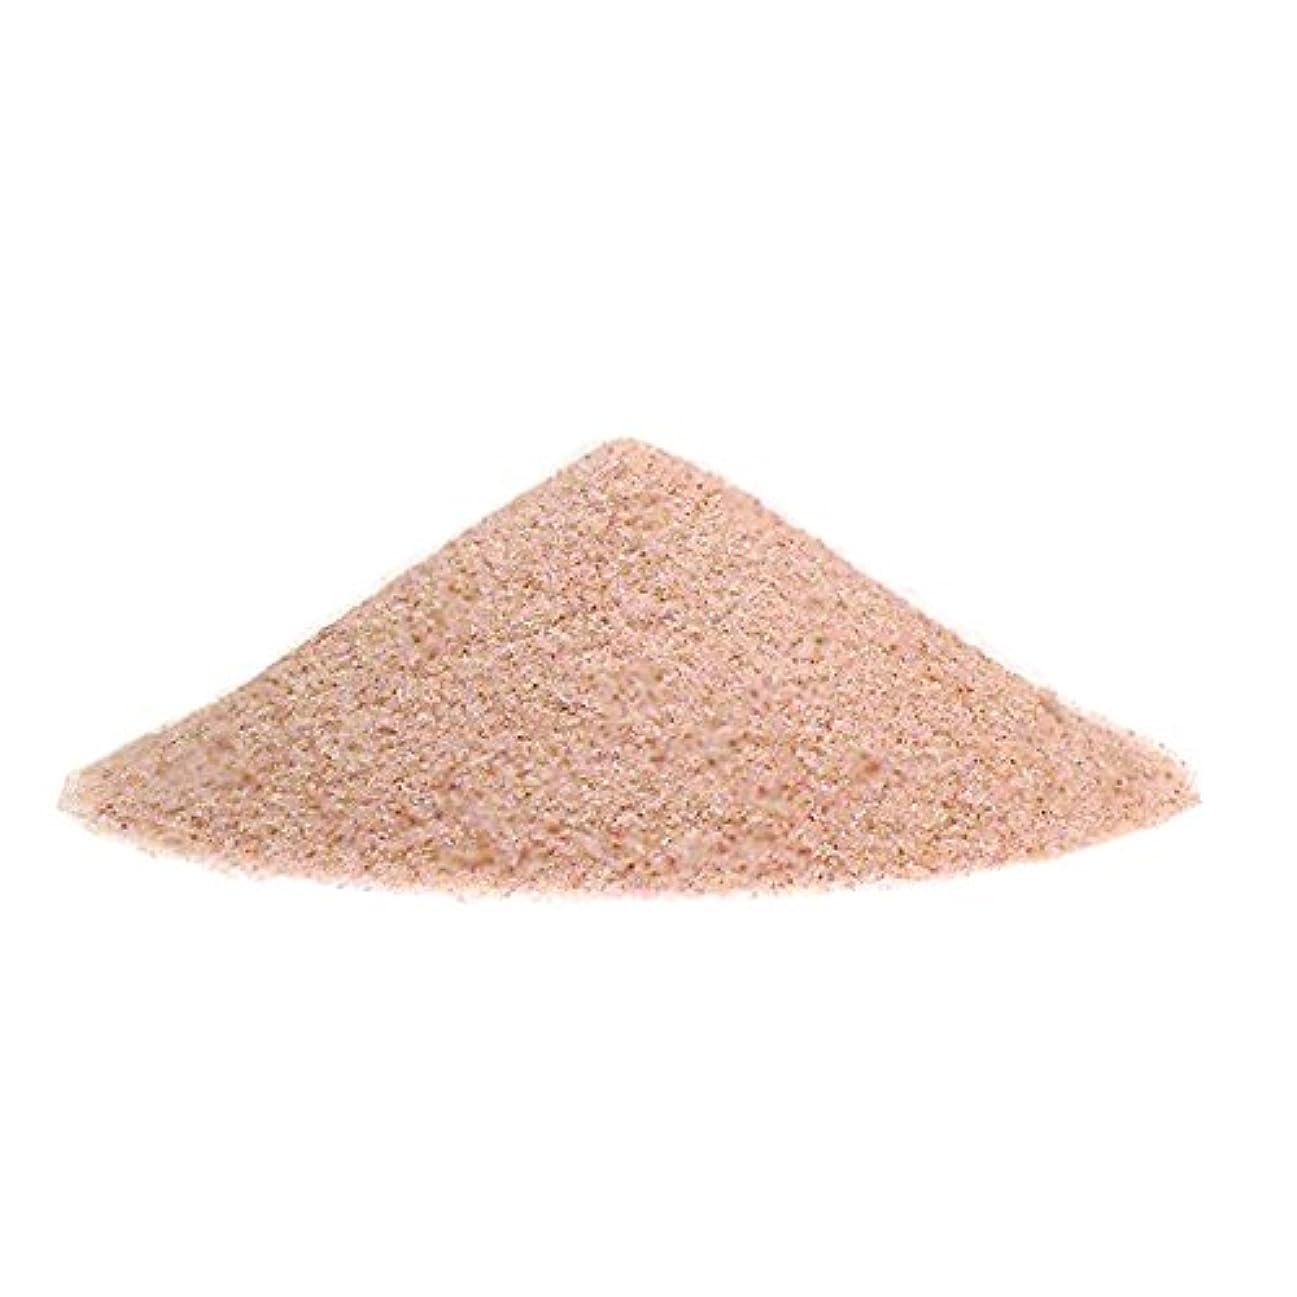 規定時代トランクライブラリヒマラヤ岩塩 ピンクソルト 入浴用 バスソルト(微粒パウダー)2kg ピンク岩塩